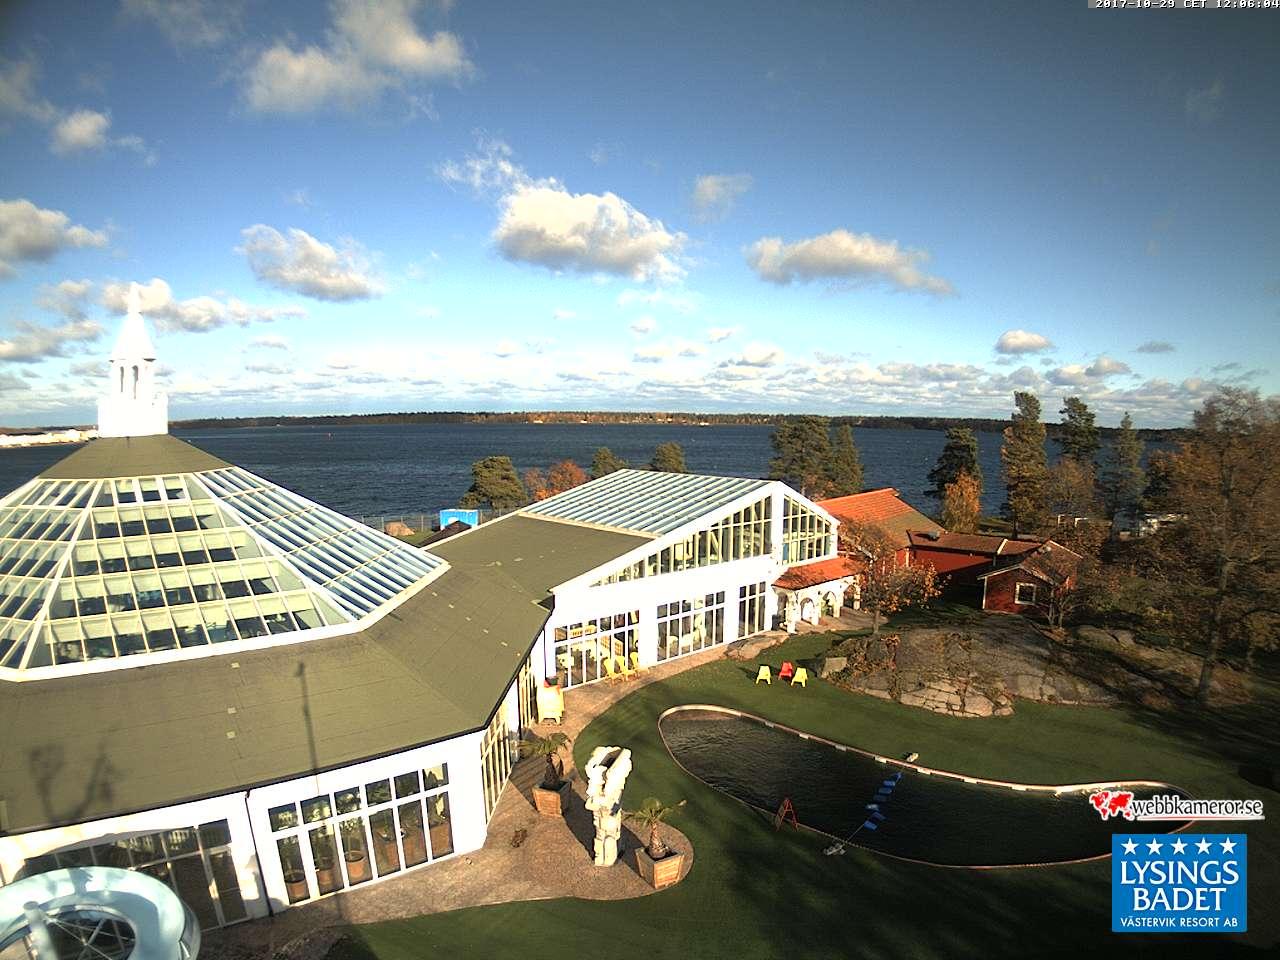 Webbkamera - Lysingsbadet, Västerviks Resort